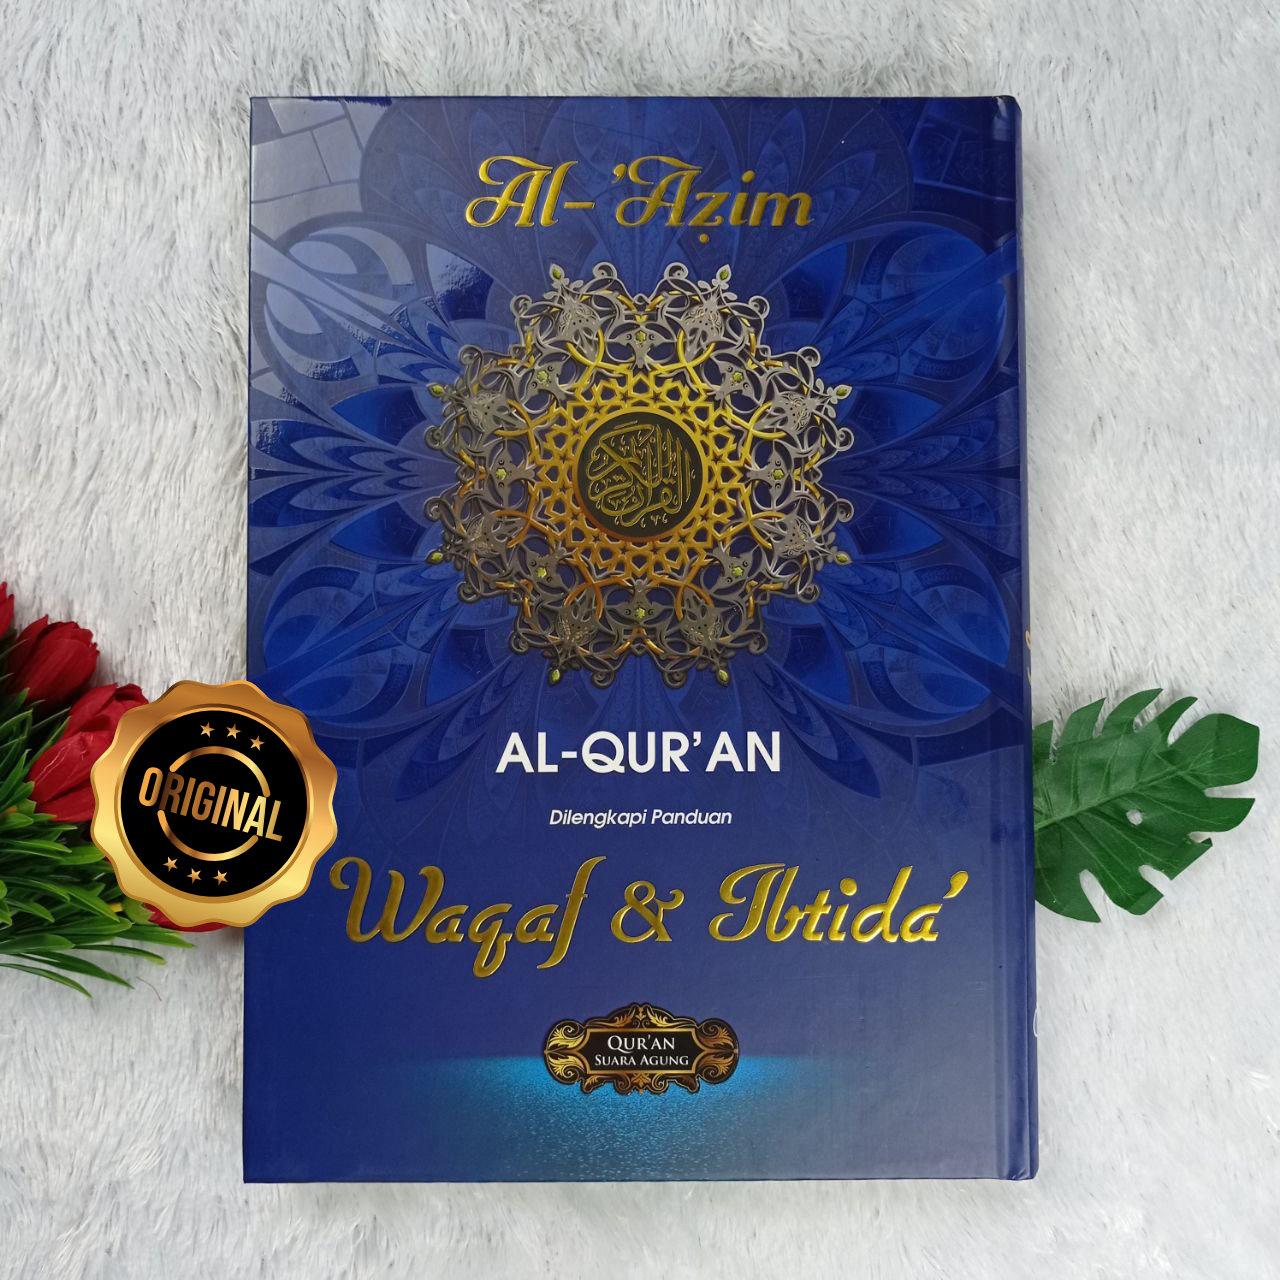 Al-Qur'an Al-'Azim Waqaf Dan Ibtida' Ukuran A4